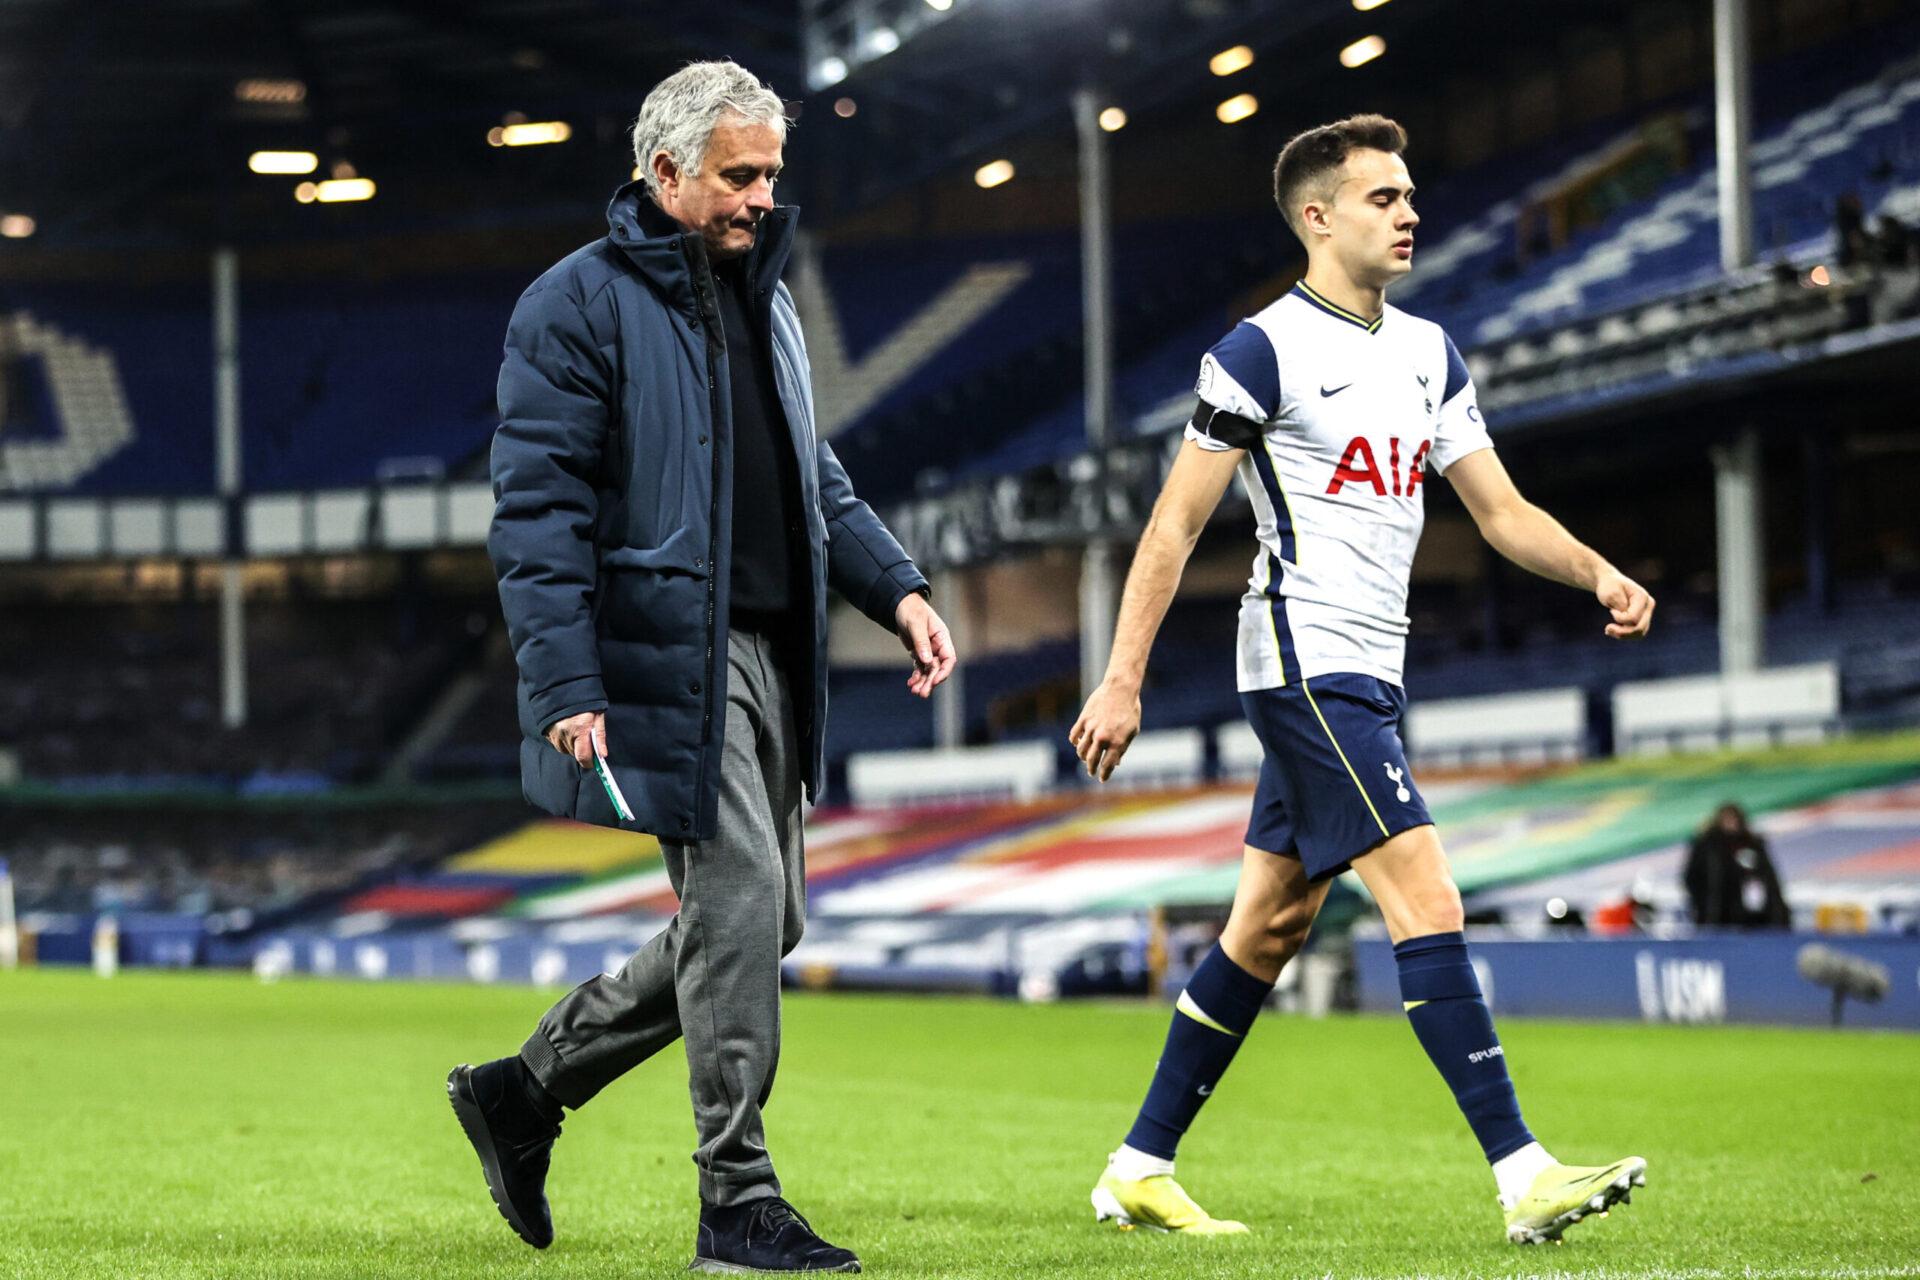 Eliminé de manière précoce en Europa League, tout ne s'était pas terminé comme il l'avait souhaité lors de son passage à Tottenham (iconsport)